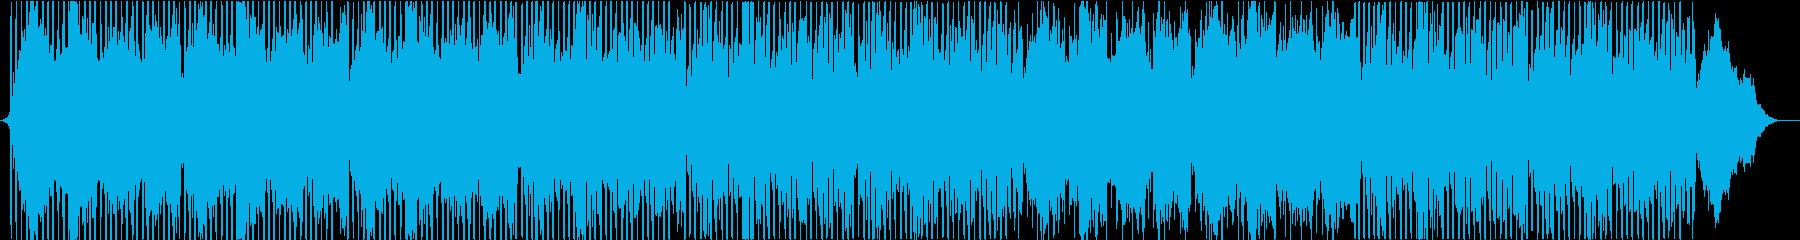 背景、アンビエントの再生済みの波形